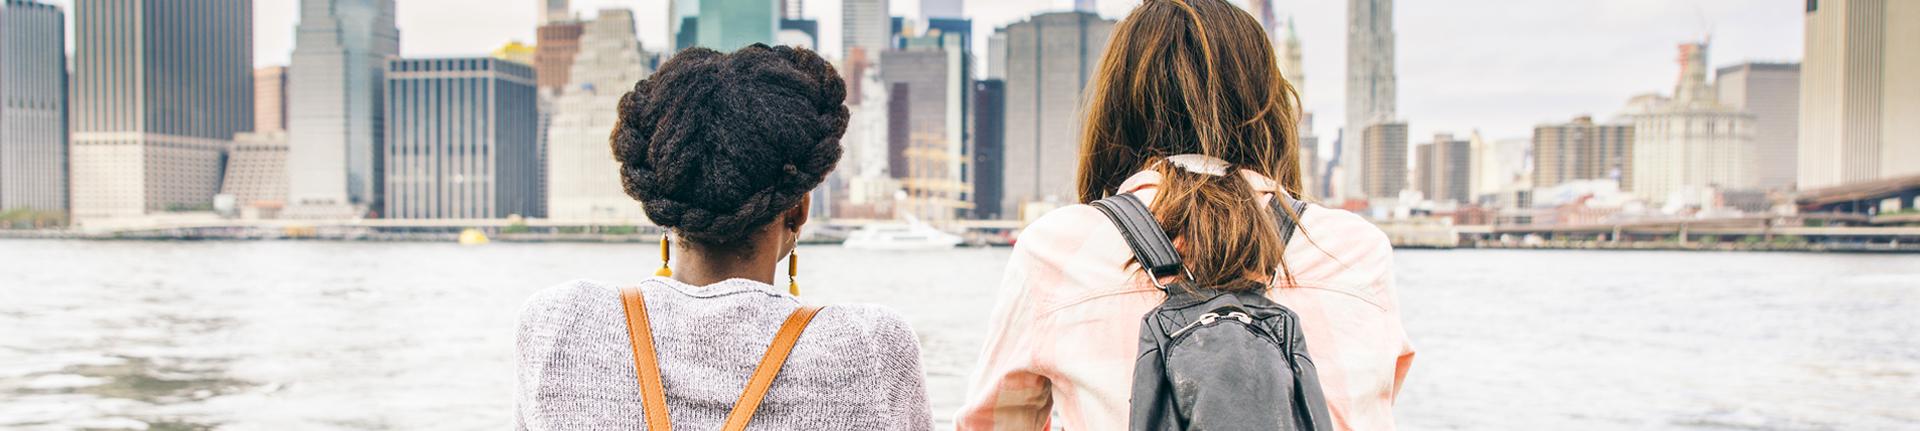 Mulheres pelo mundo: criando conexões para sua viagem